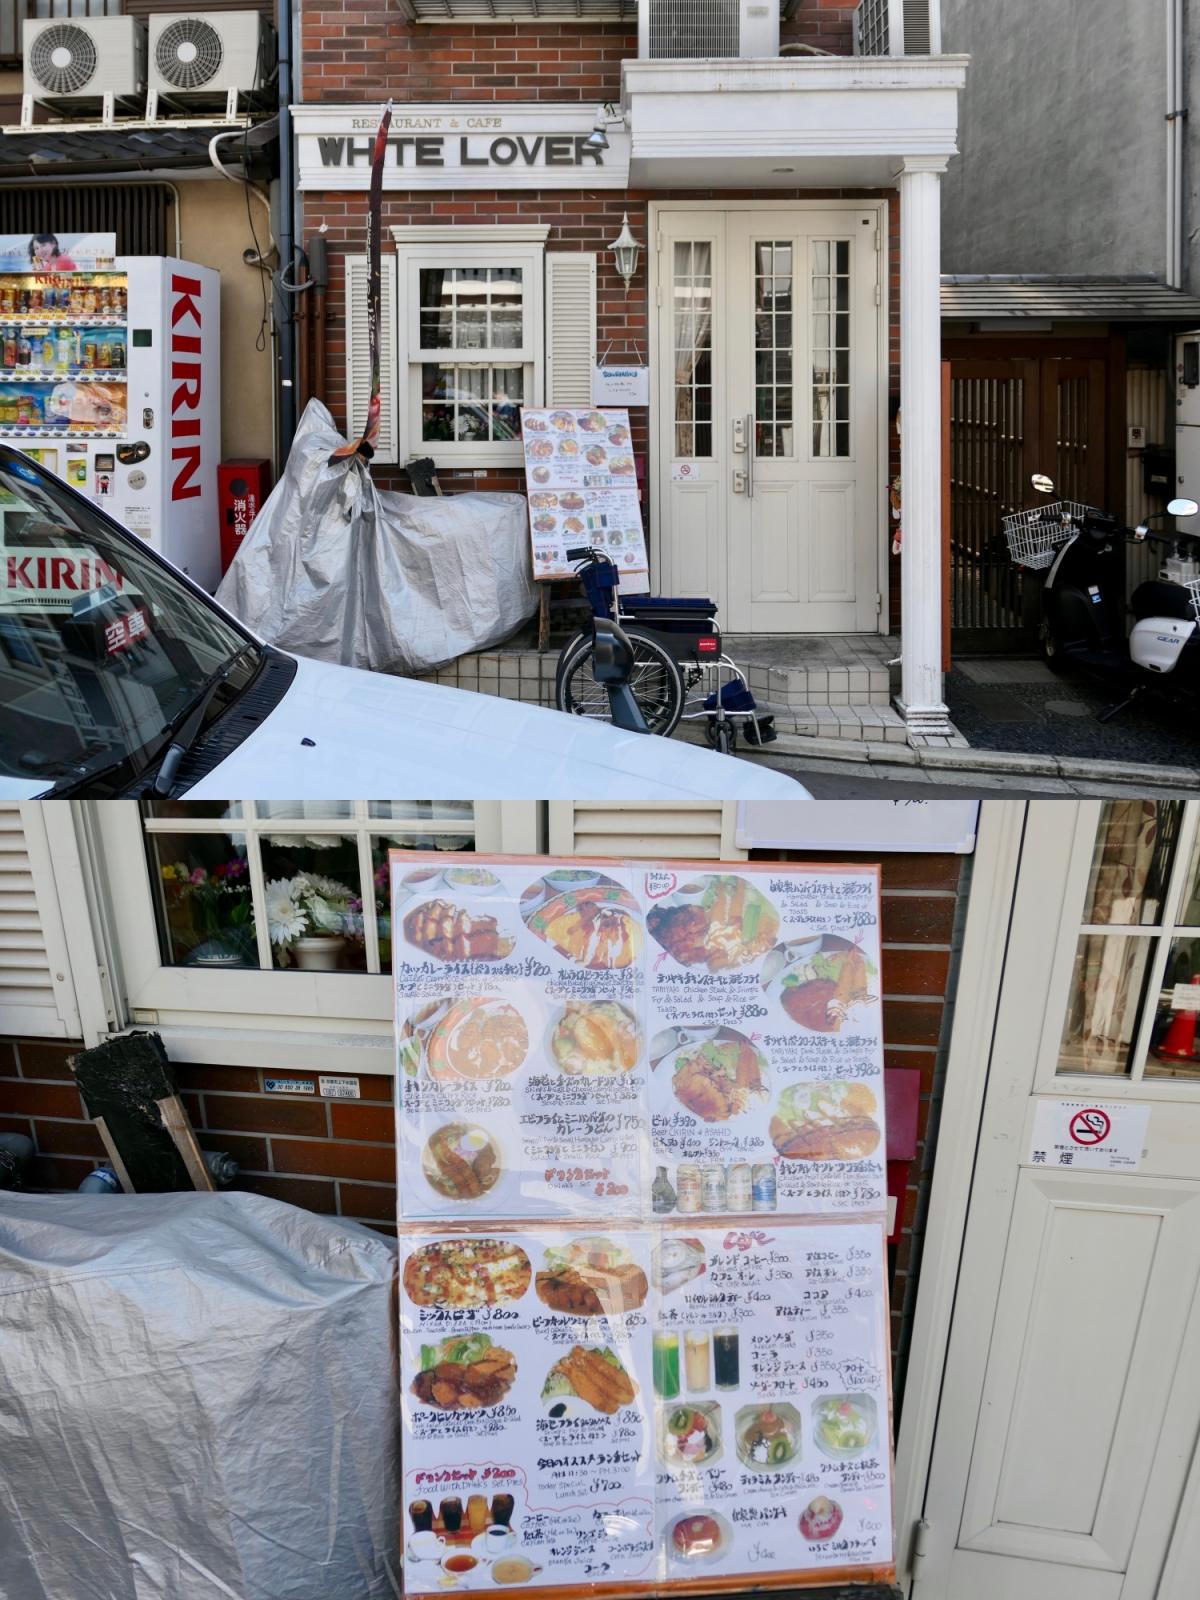 구글맵으로 찾은 식당 화이트 러버. 들어가는 문 옆 큰 메뉴판이 인상적이었다. ©생각노트